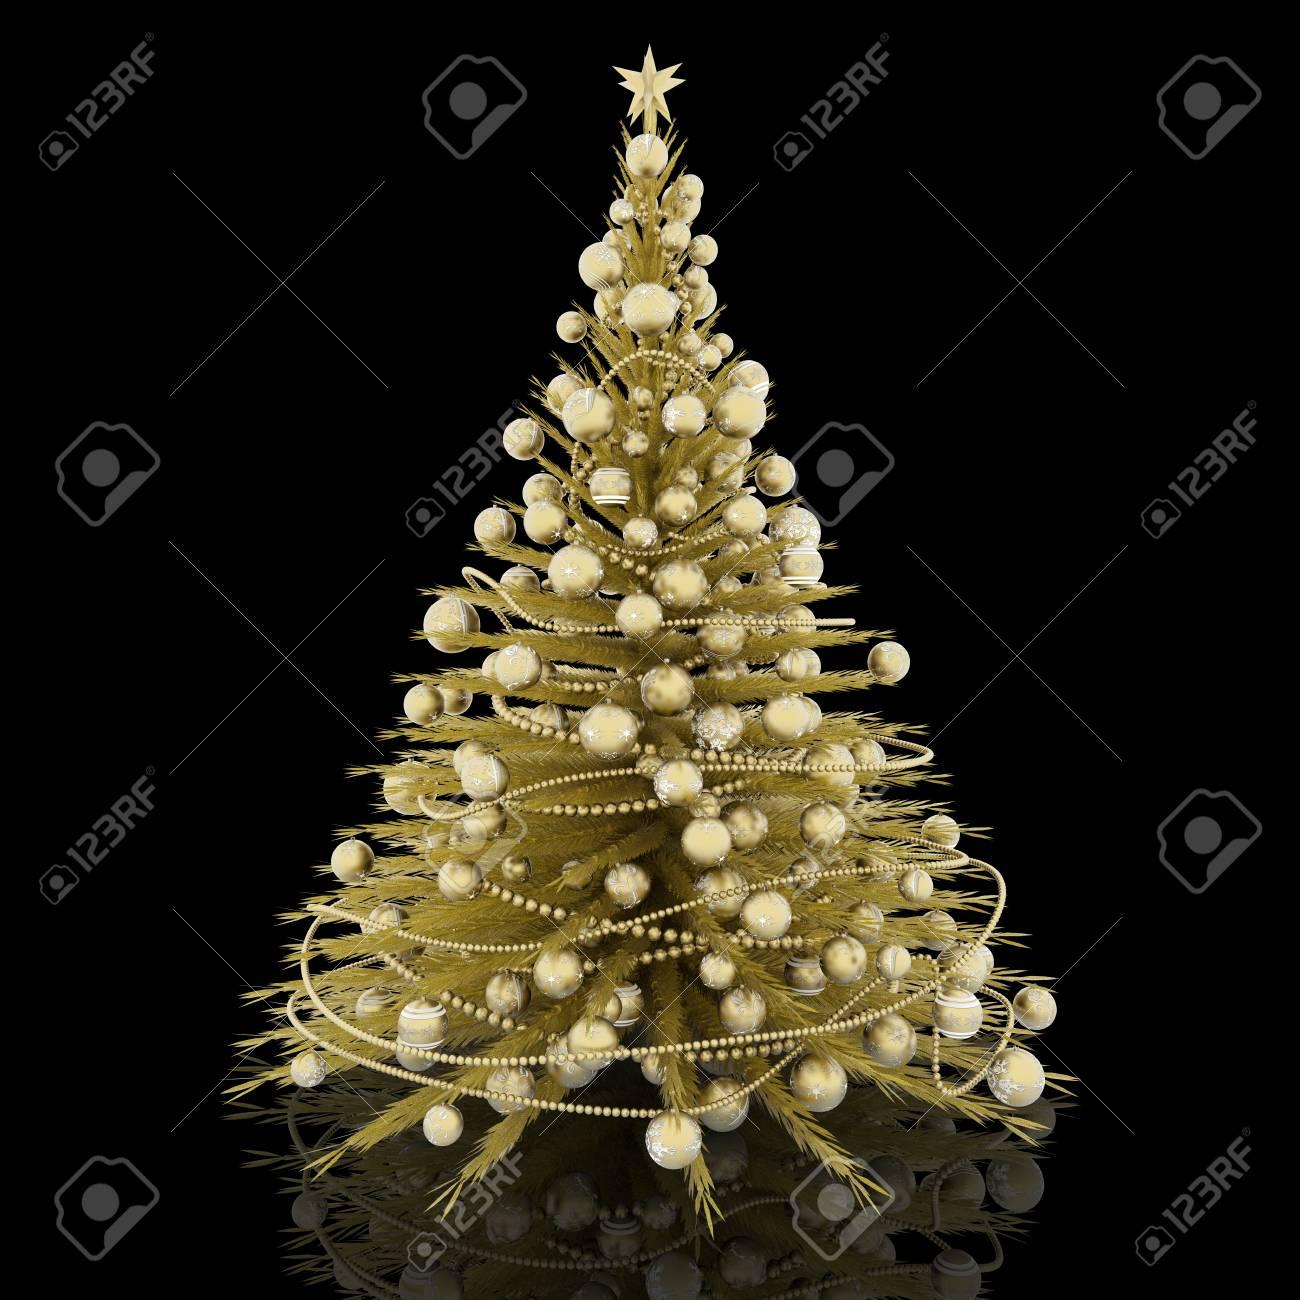 Decorazioni Natalizie Dorate.Decorazione Natalizia Albero Di Natale Dorato Con Decorazioni